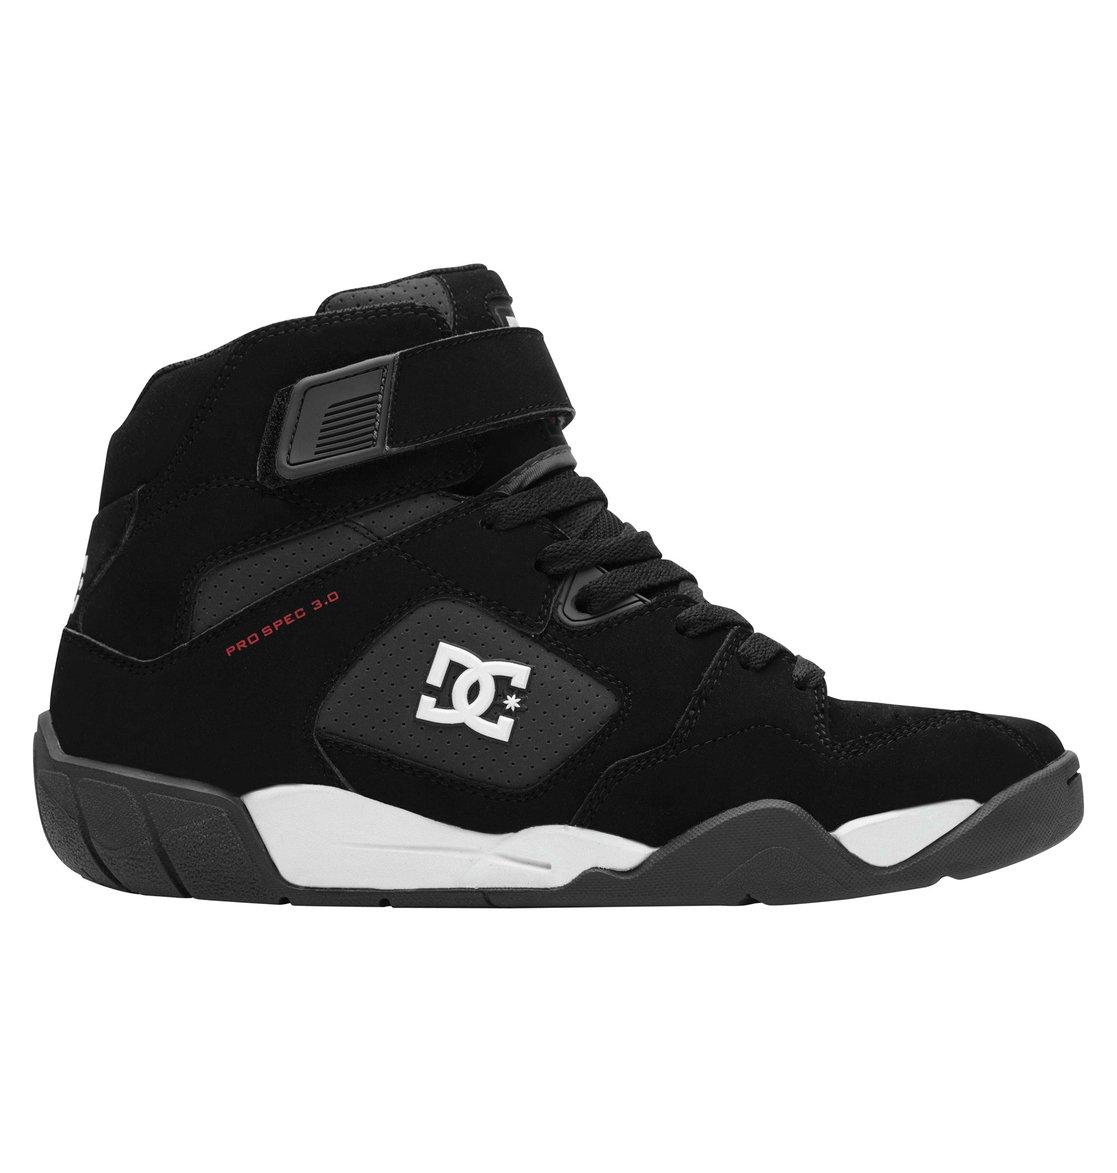 half off 7ec79 a3192 Men's Pro Spec 3.0 Shoes 303369 | DC Shoes